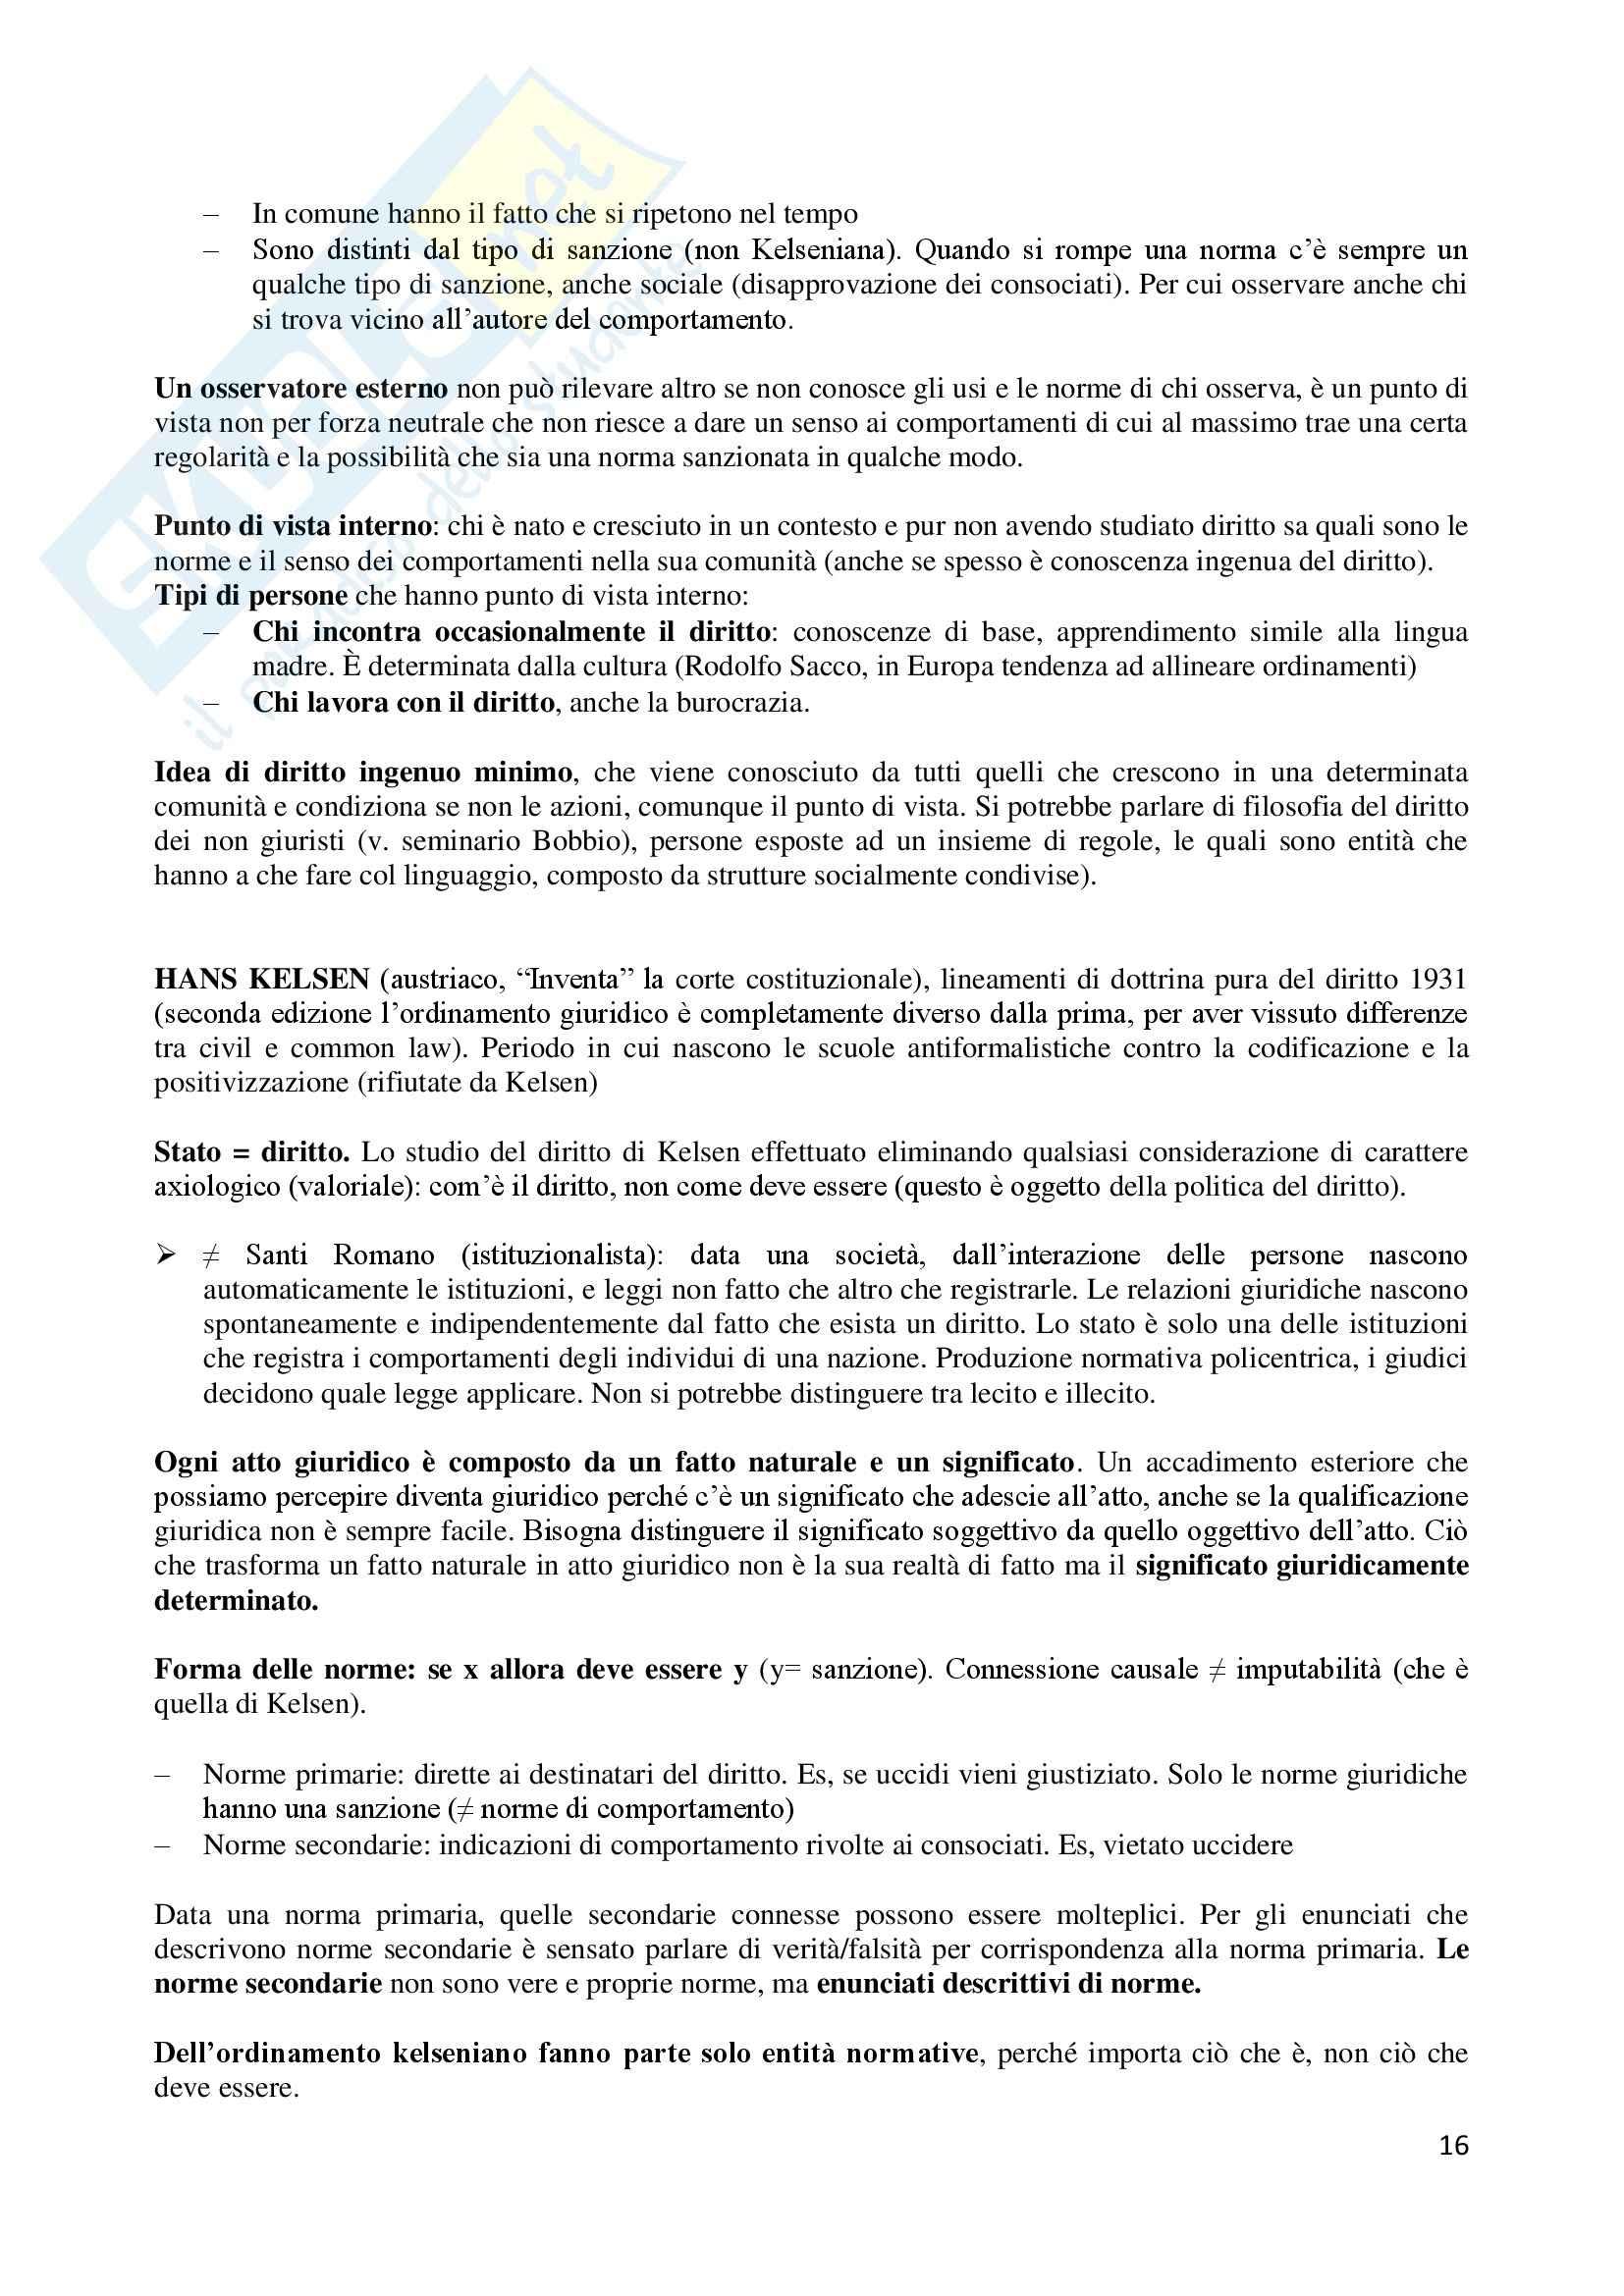 Filosofia del diritto - Appunti Pag. 16